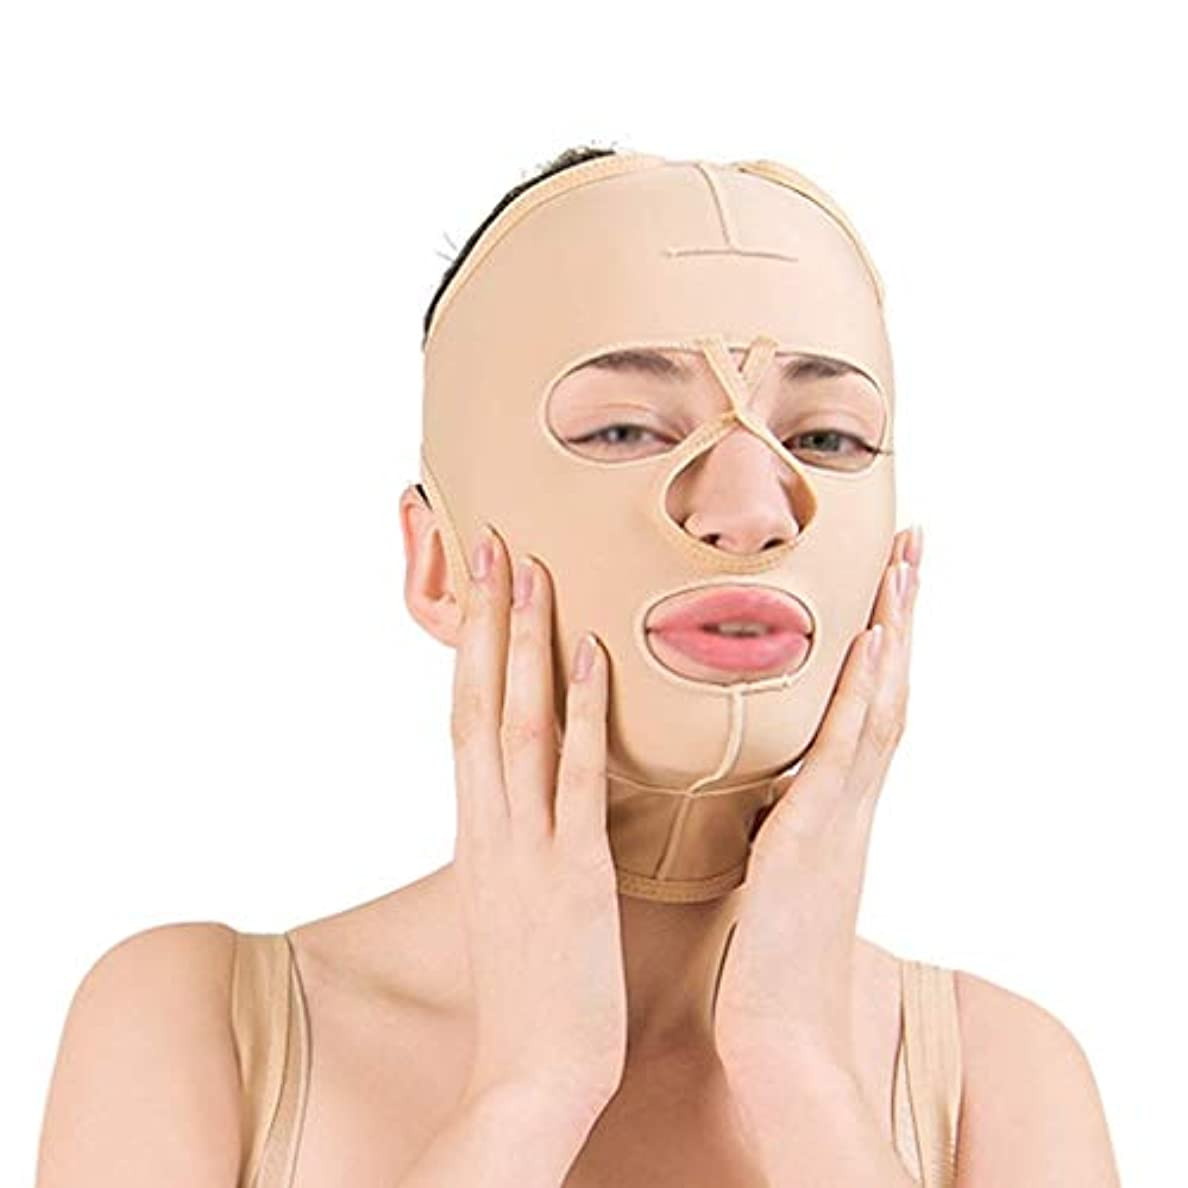 影響単調な手段フェイススリミングマスク、フェイスバンデージ付きフェイシャル減量マスク、通気性フェイスリフト、引き締め、フェイスリフティング(サイズ:L),XL